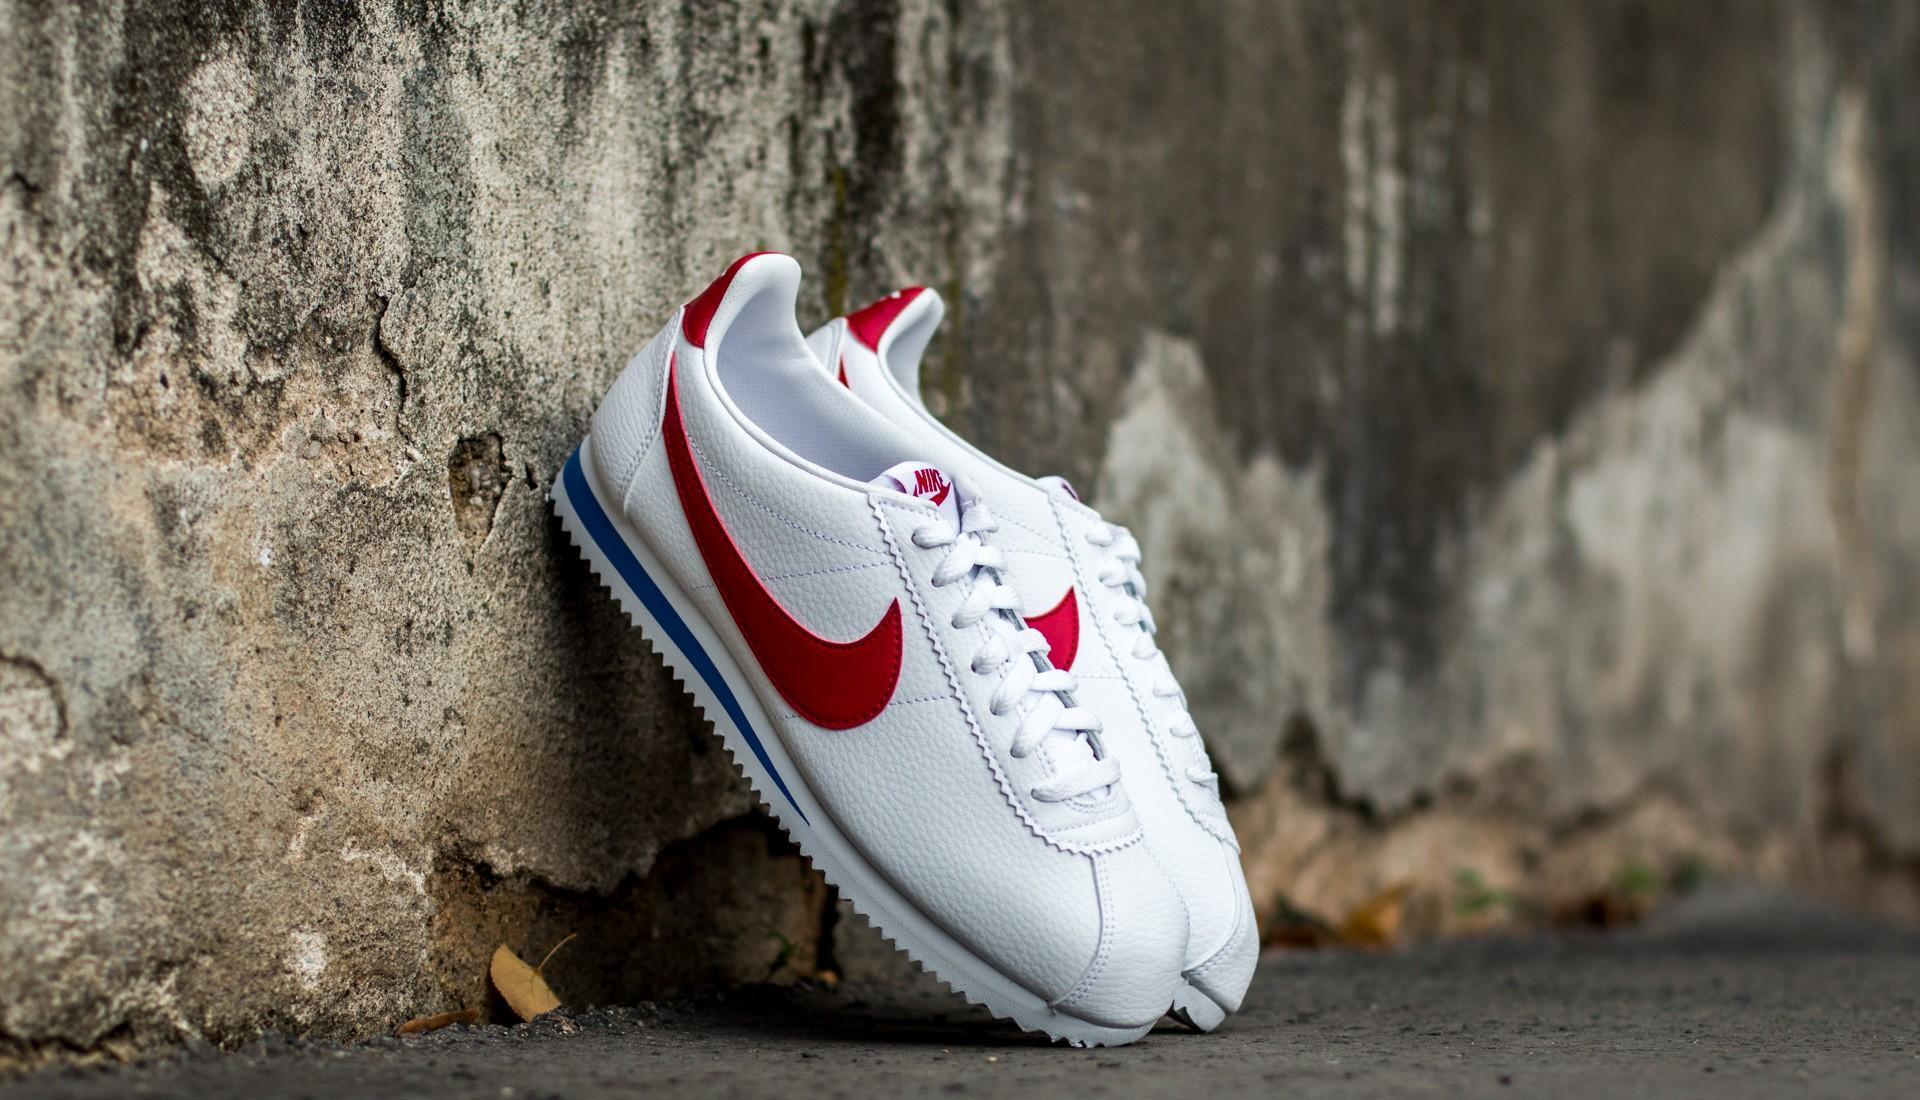 89cb5325ab Nike Classic Cortez Leather White/ Varsity Red-Varsity Royal - Glami.hu